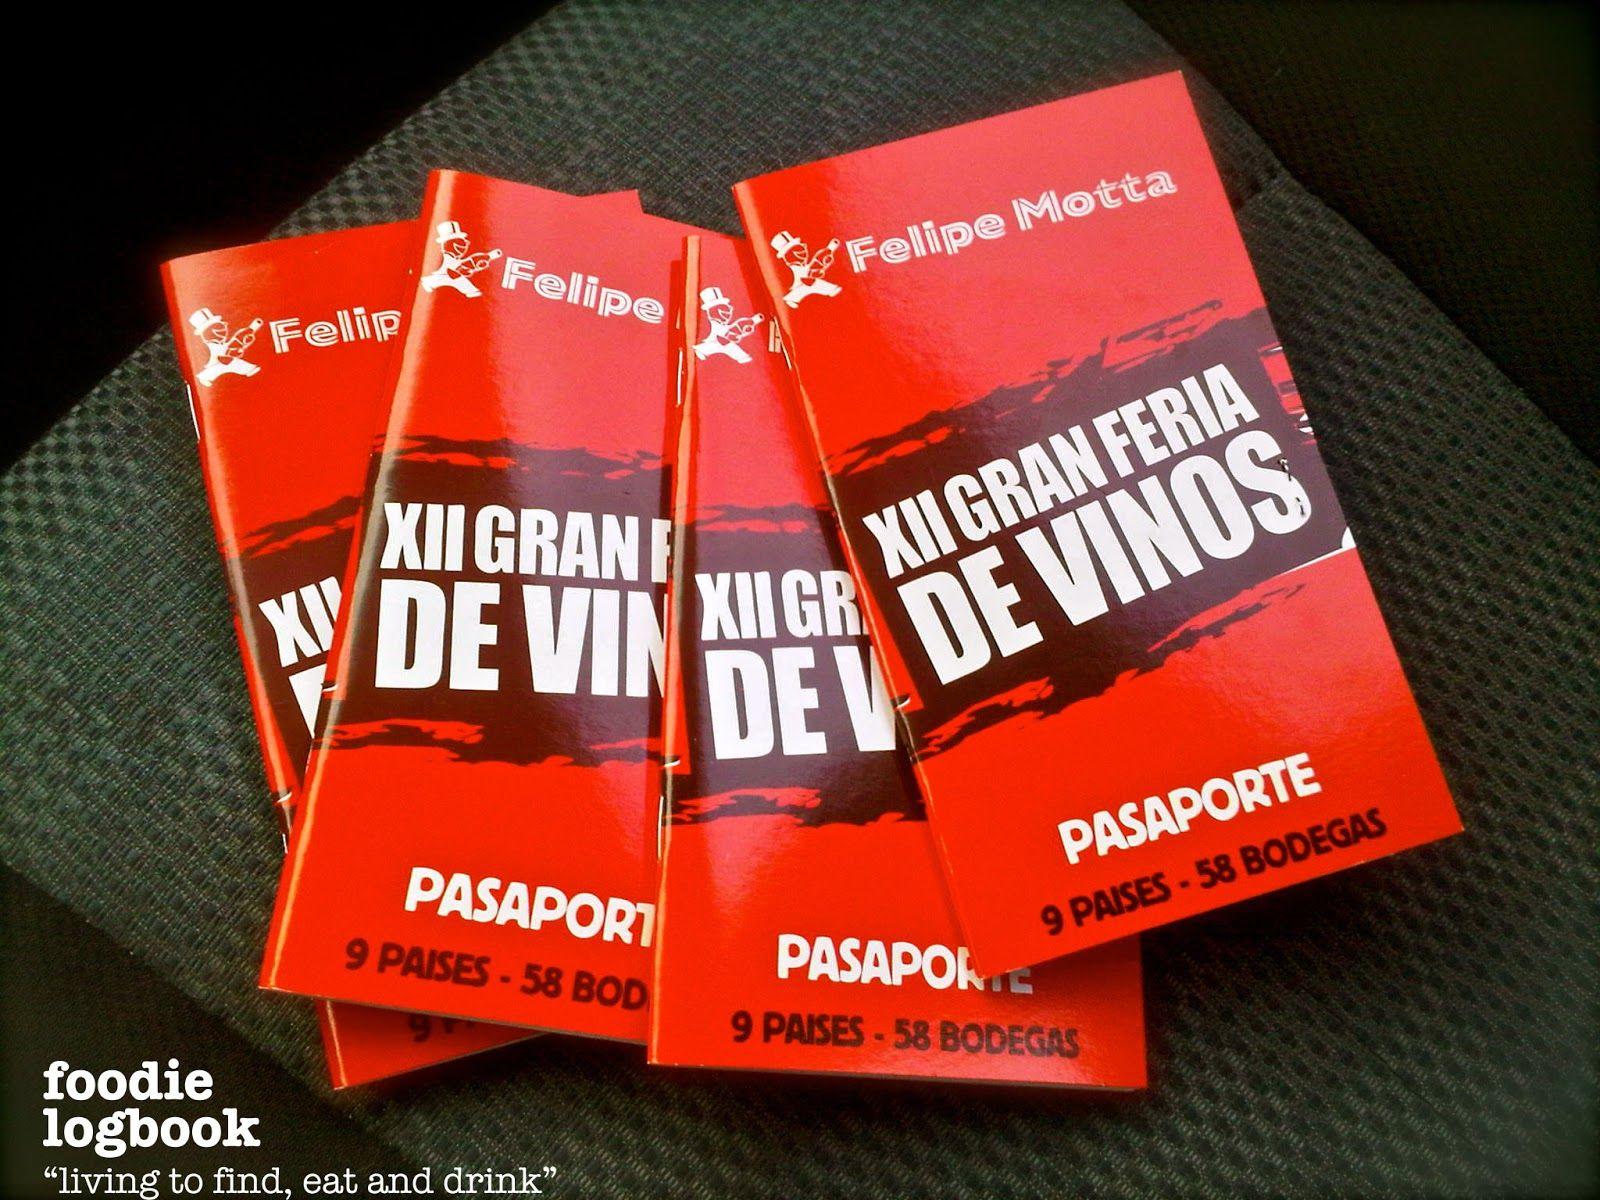 Hoy Arranca La Tan Esperada Xii Feria De Vinos Ahi Estaremos Los Foodietors Y Amigos Disfrutando Foodie Eat Book Cover